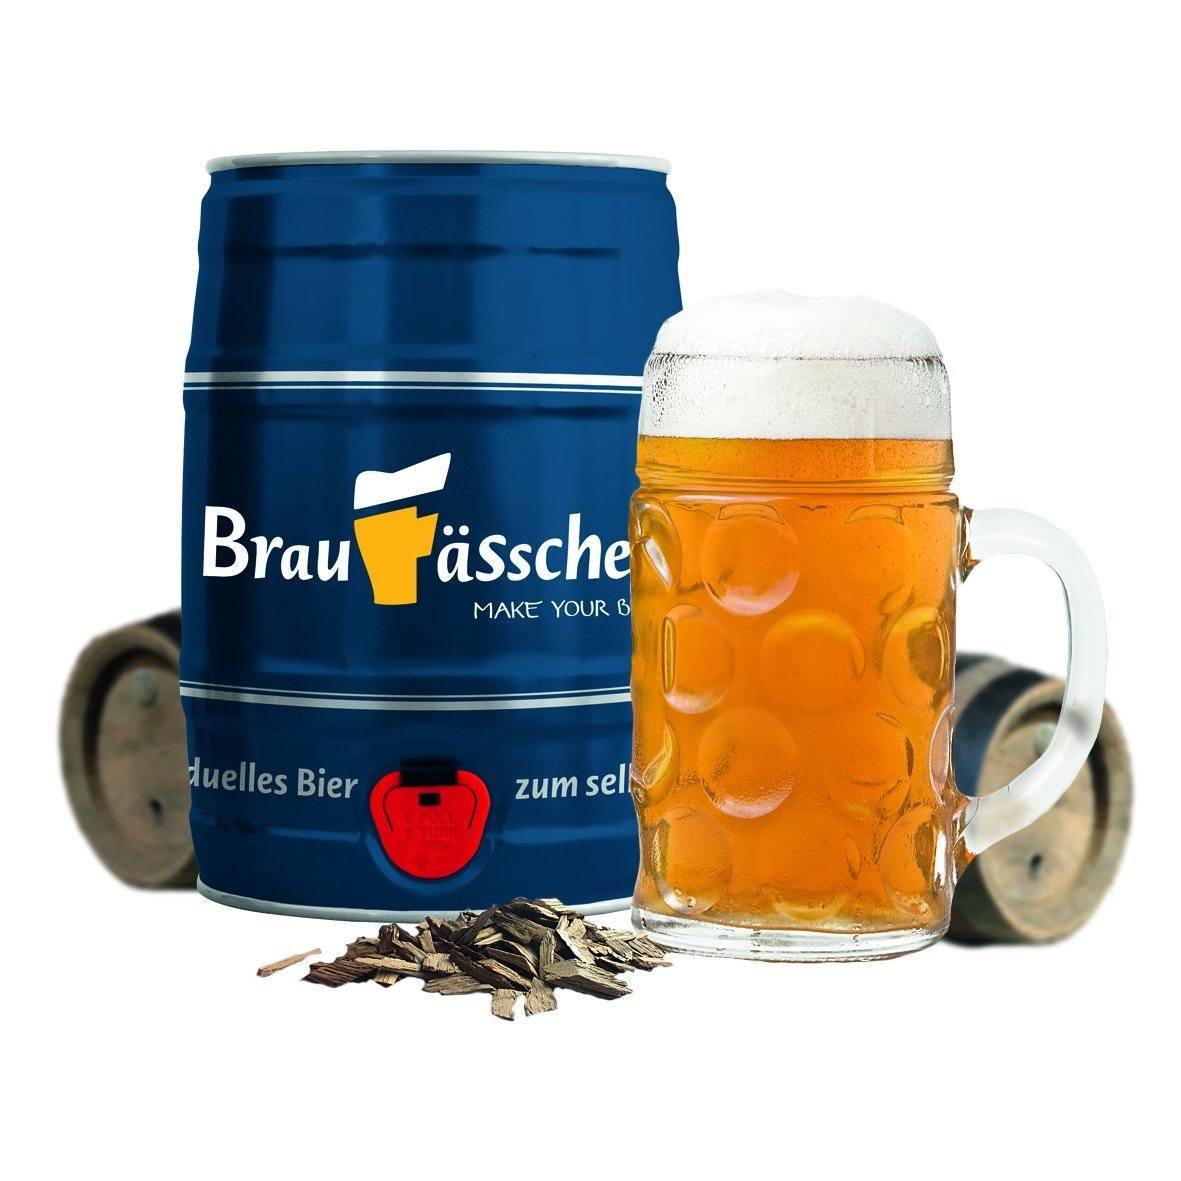 Bierbrauset Weizenbier Selber Brauen Neu Hefe Weizen Bier Set Geschenk Brew Beer Grade Produkte Nach QualitäT Bier, Wein & Spirituosen Selbstbrauen